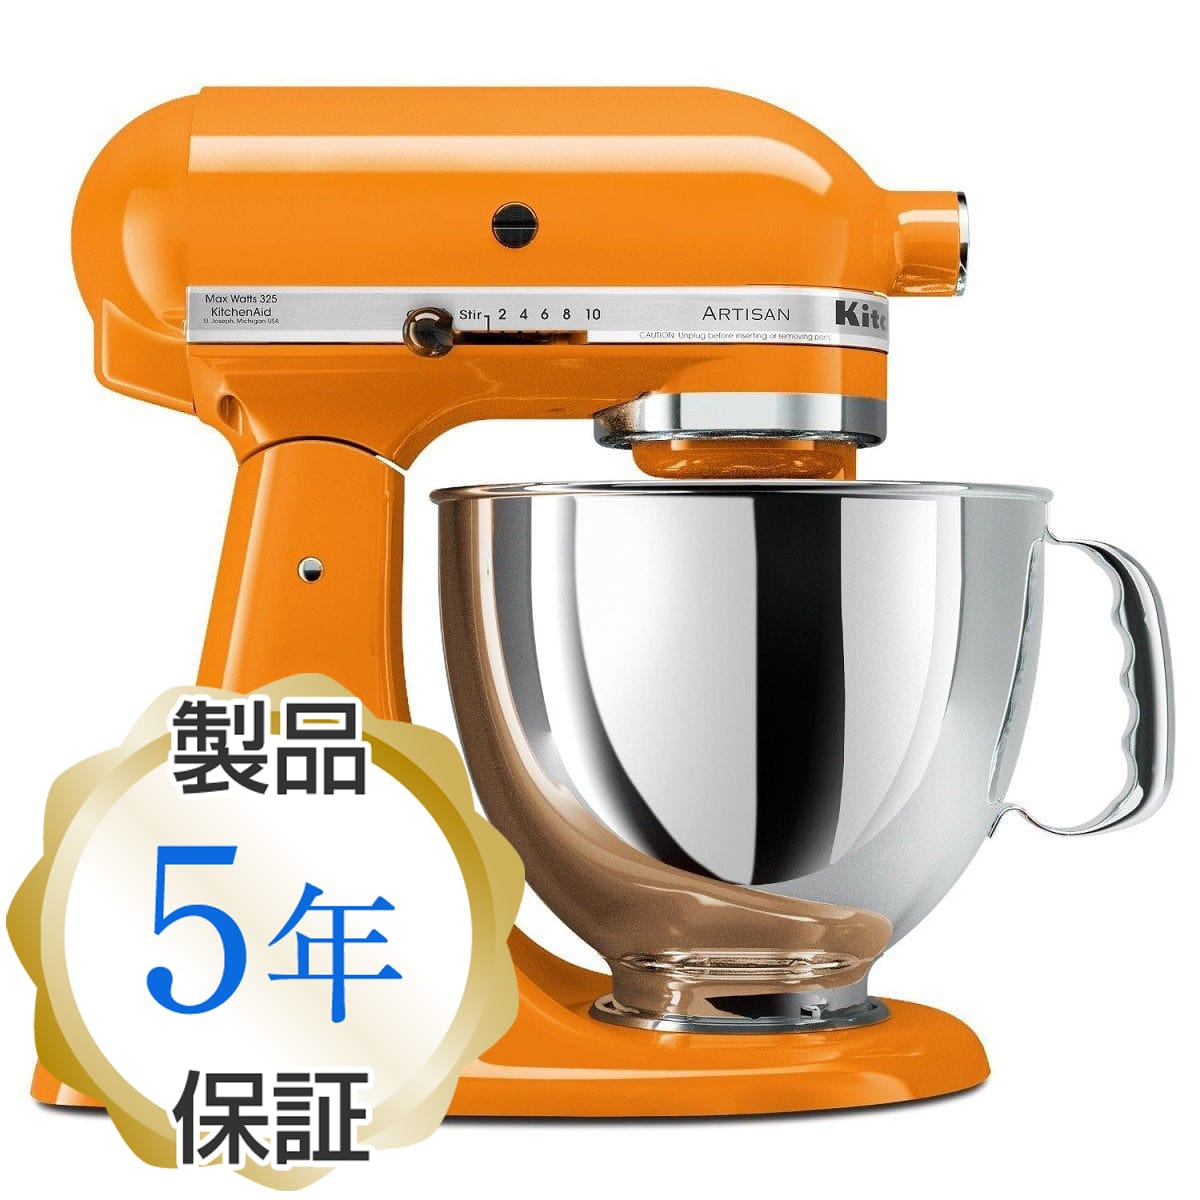 キッチンエイド スタンドミキサー アルチザン 4.8L タンジェリン オレンジ KitchenAid Artisan 5-Quart Stand Mixers KSM150PSTG Tangerine 【日本語説明書付】 家電